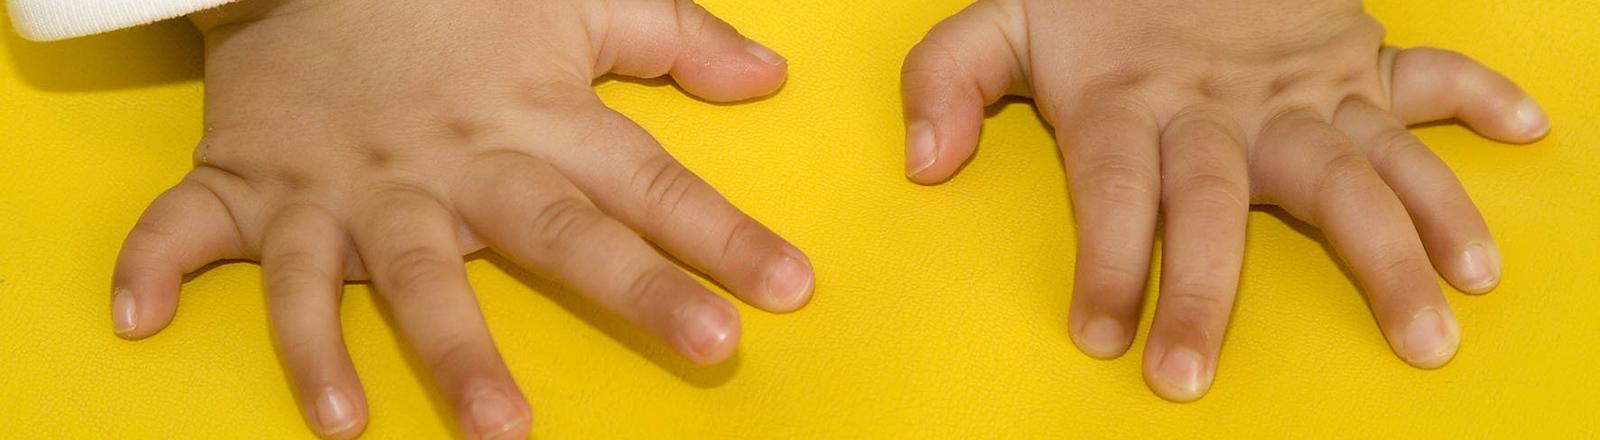 Das Foto aus dem Februar 2007 des Helios-Klinikums in Berlin-Buch zeigt die Hände des kleinen Yassir, der aufgrund von Polydaktylie (Mehr-oder Vielfingerigkeit) mit jeweils sechs Fingern an den Händen geboren wurde. Im Klinikum wurde Yassir operiert und hat nun die korrekte Anzahl von Fingern